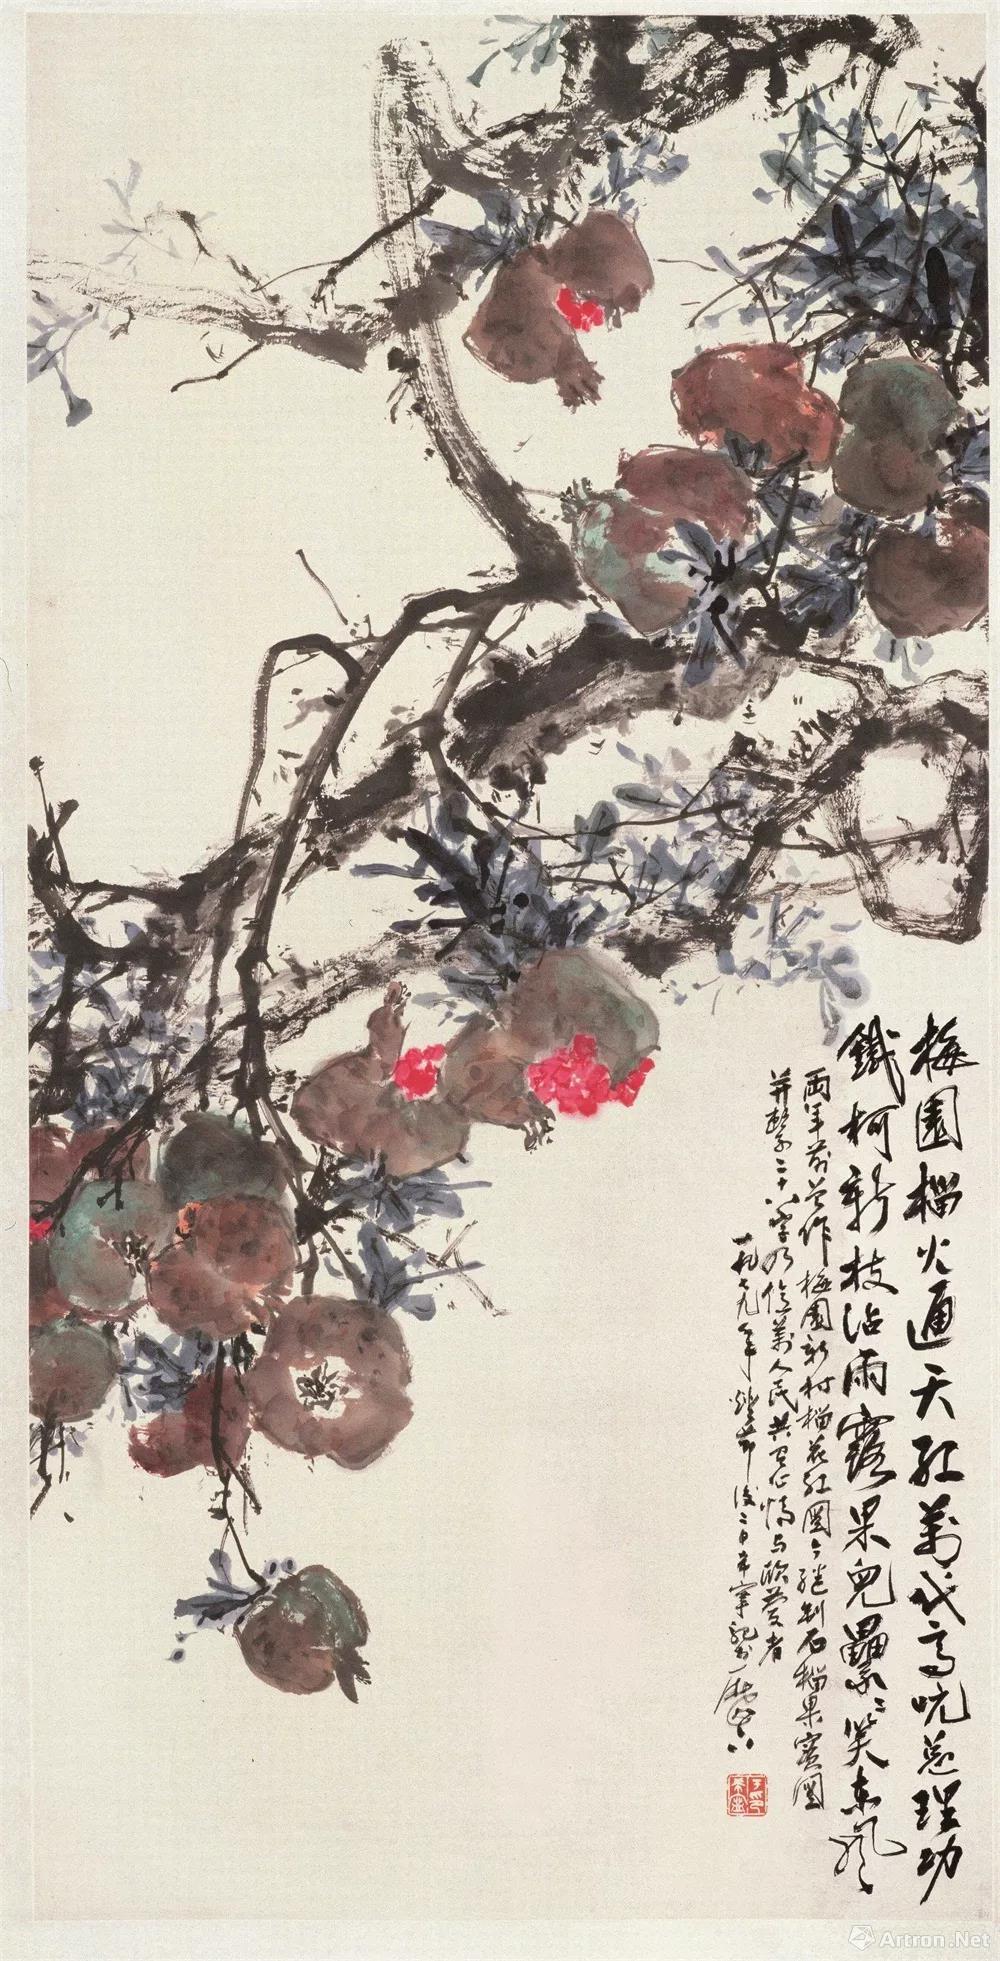 于希宁 《石榴》 136x68.5cm 1979年 国画 第五届全国美展 中国美术馆藏